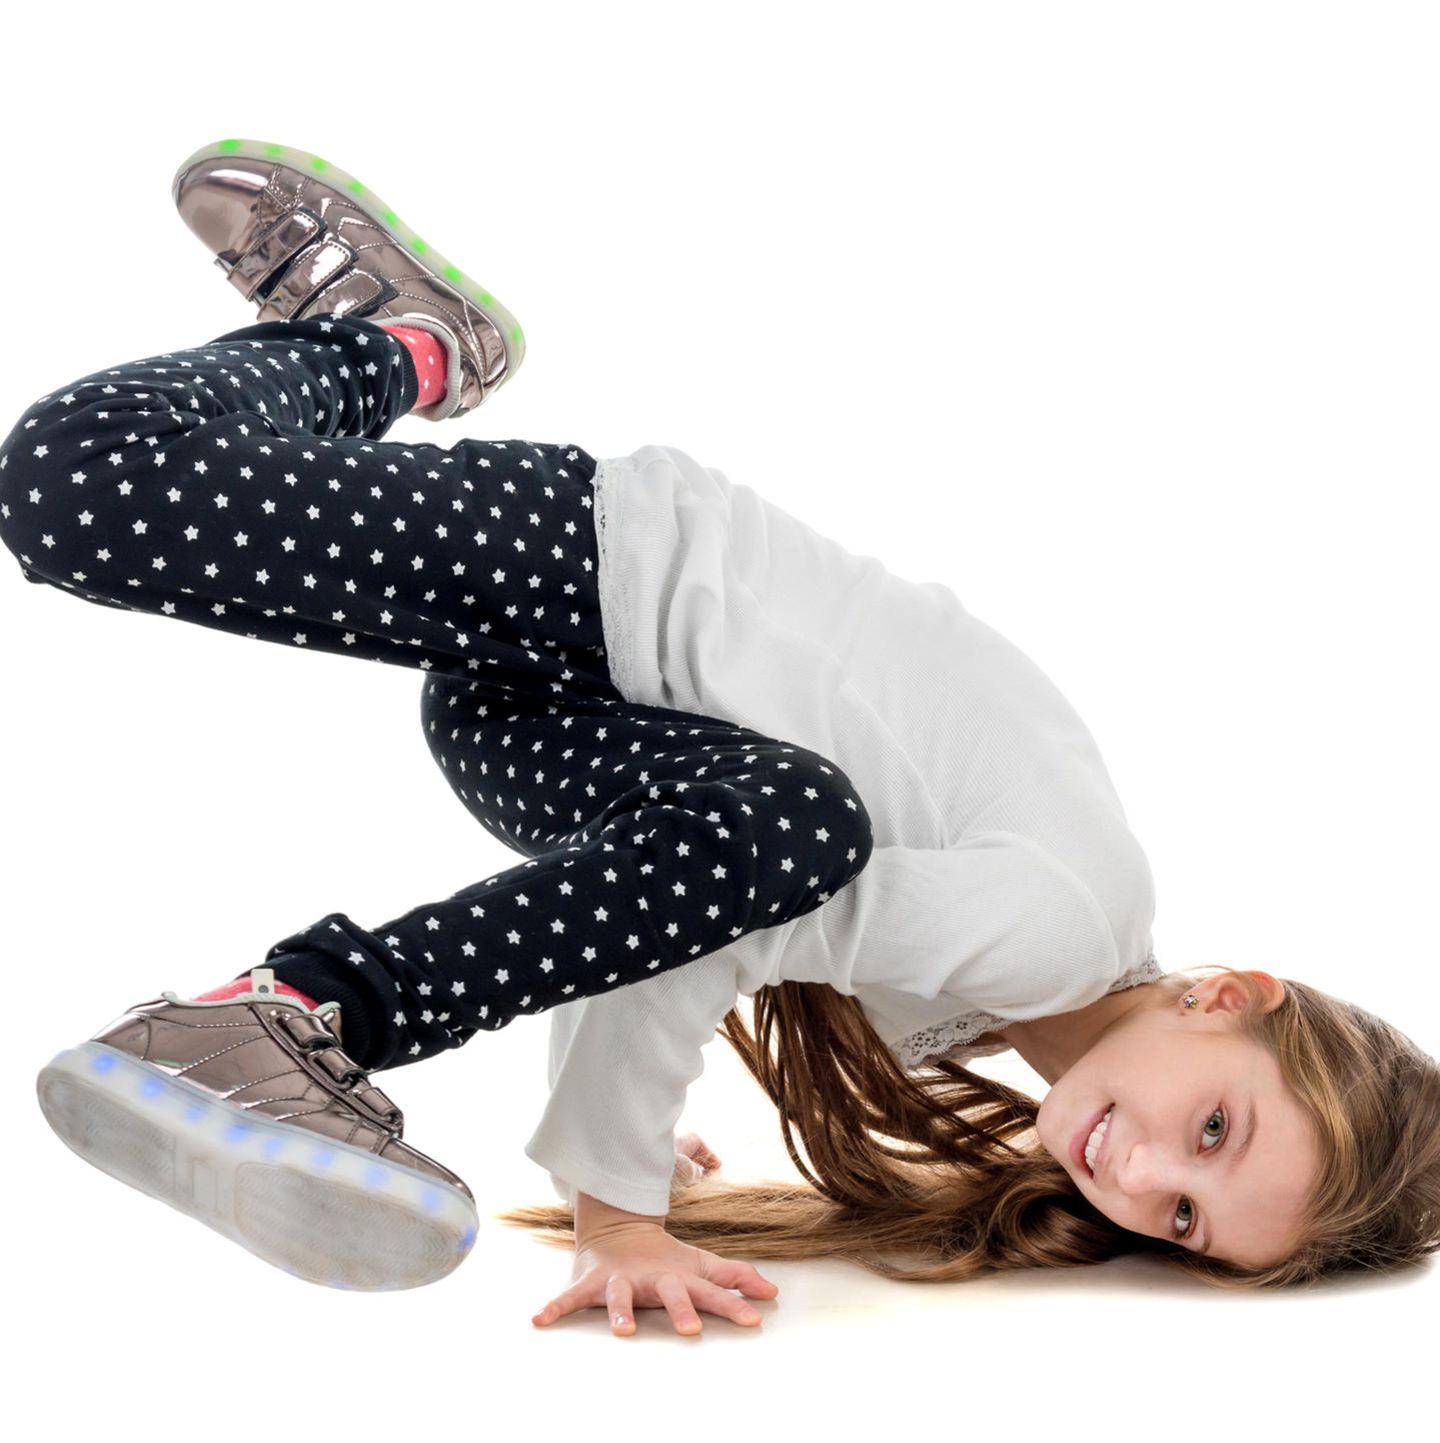 Mädchen in Turnschuhen macht Breakdance